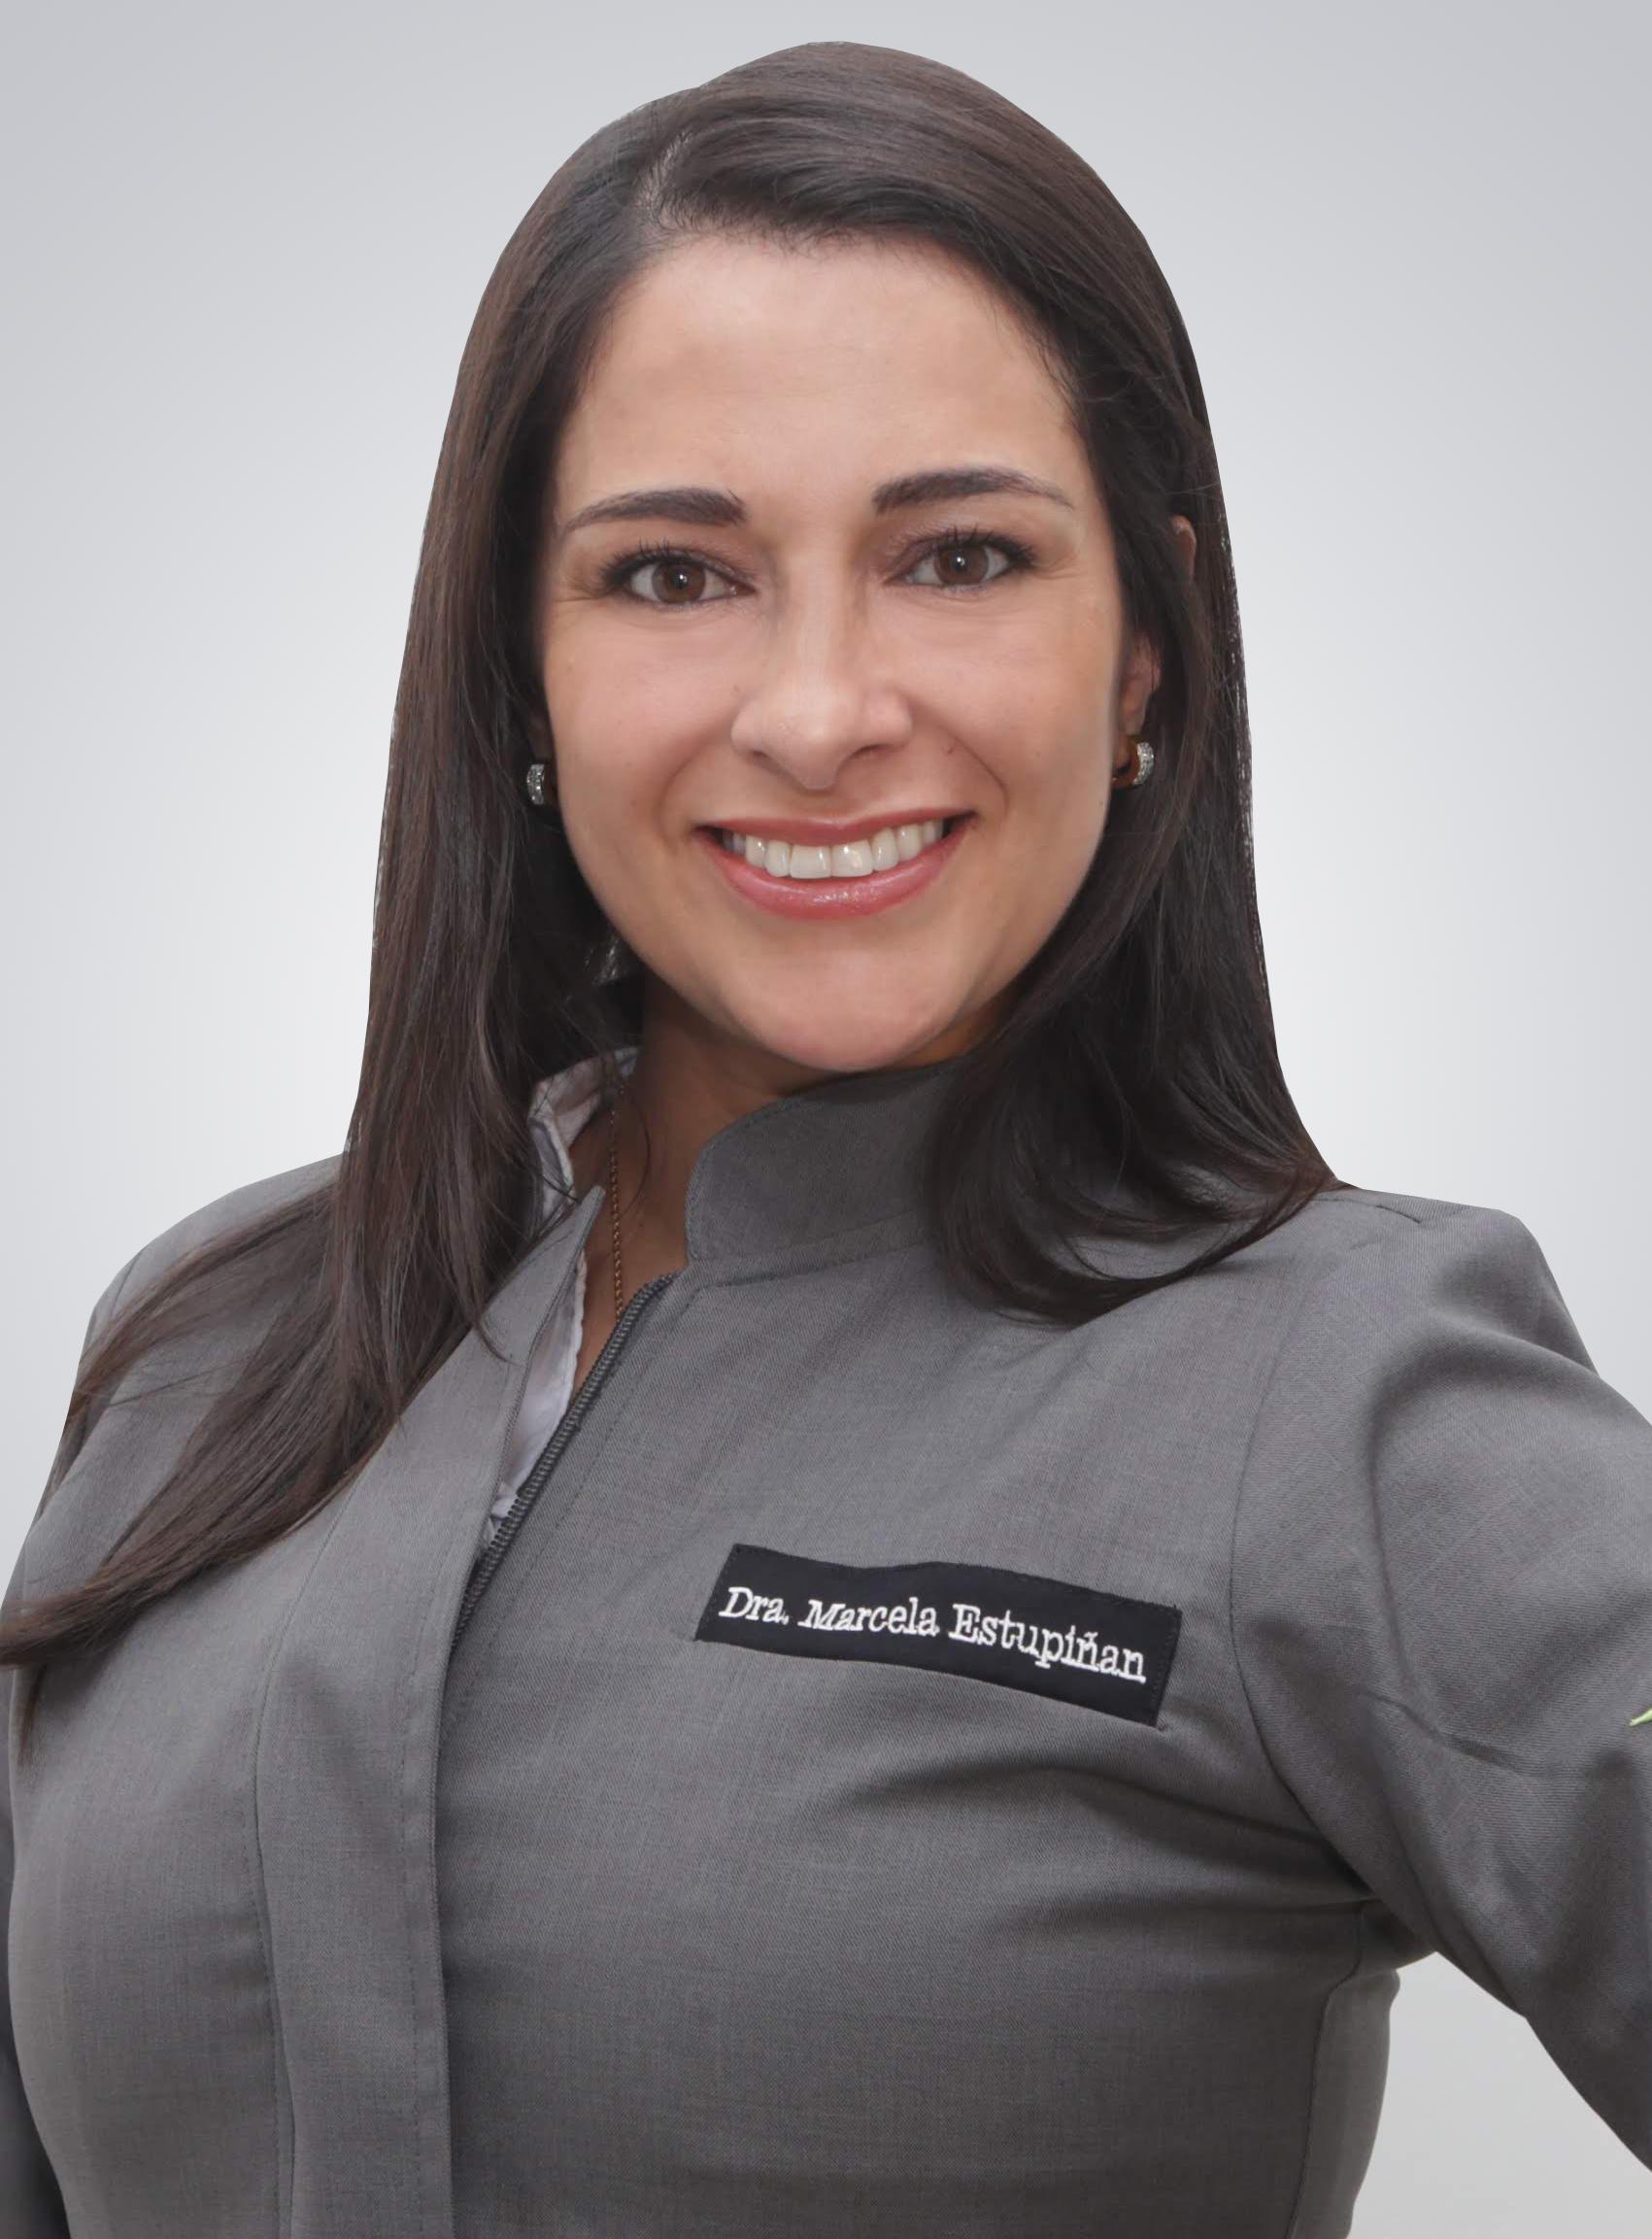 Dra. Adriana Marcela Estupiñan